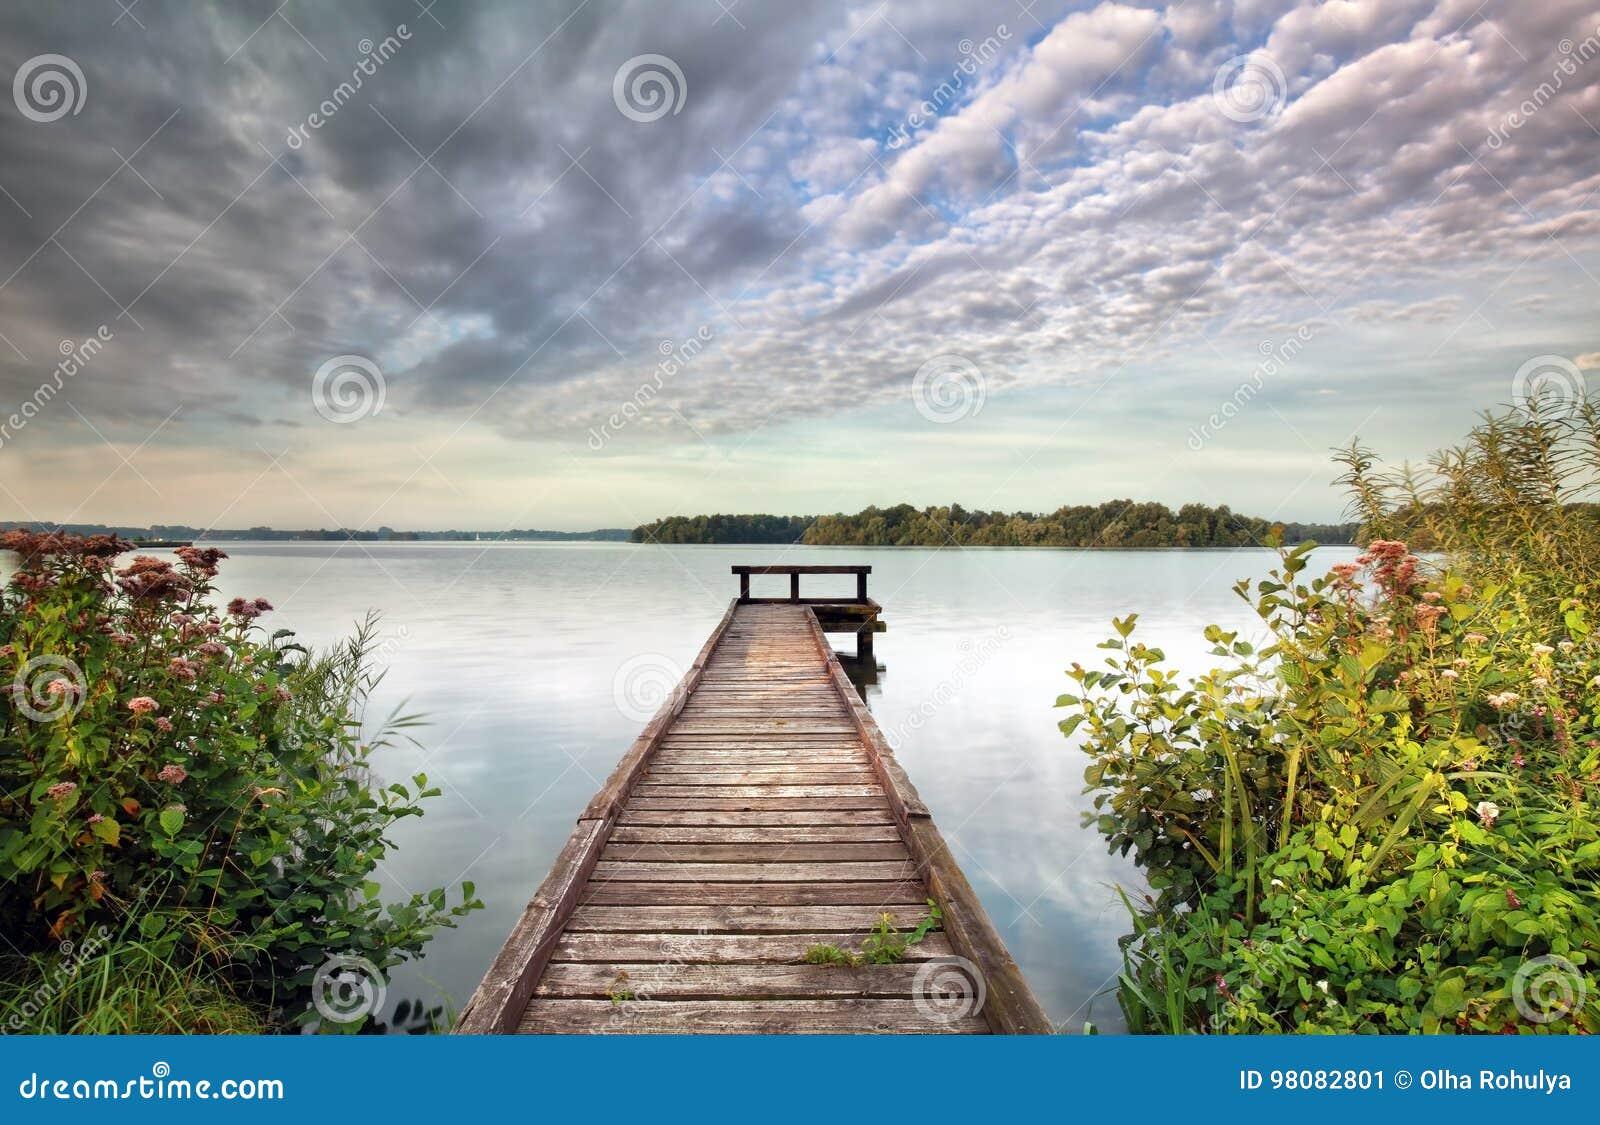 Pir på den stora sjön och vildblommor